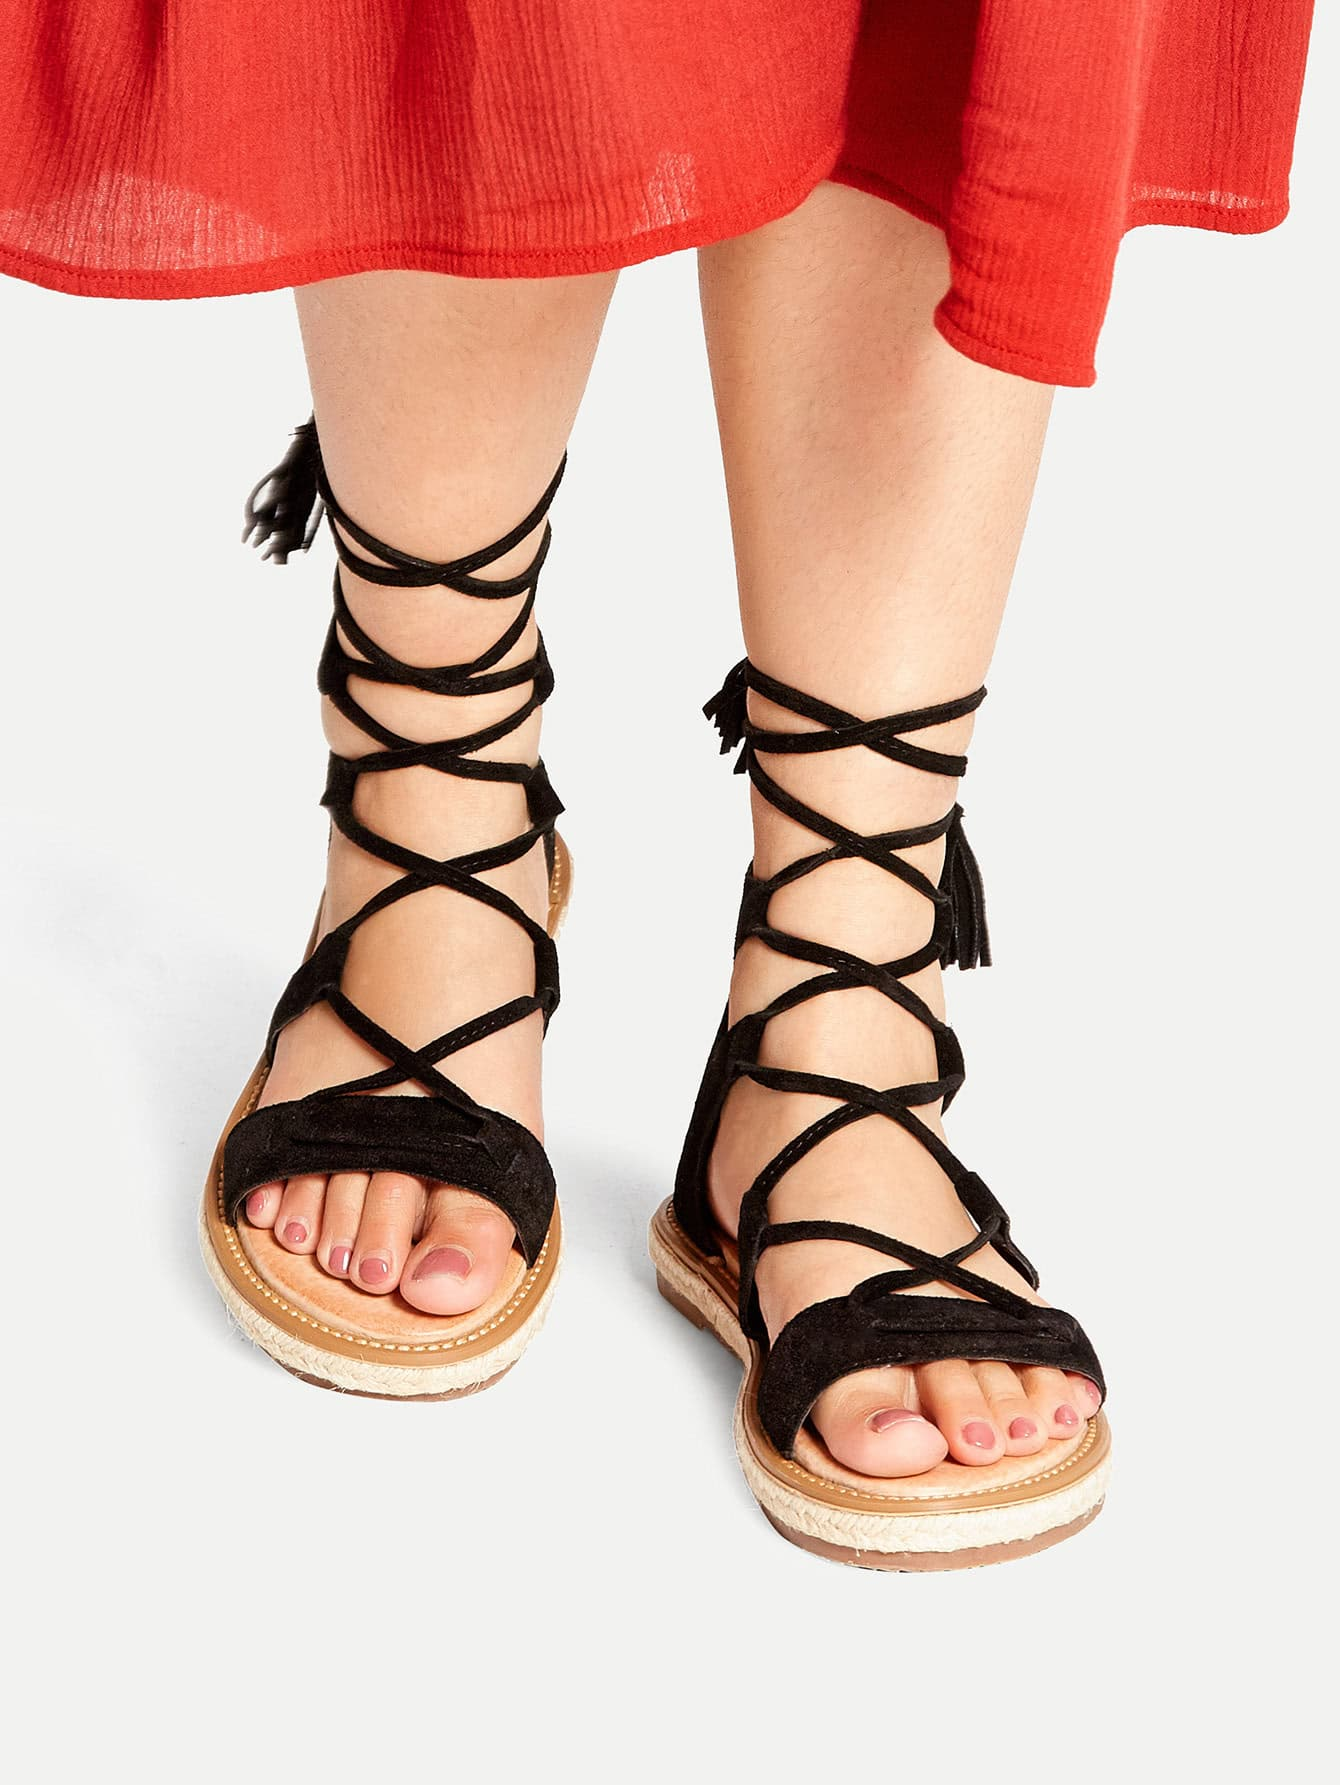 shoes170321811_3